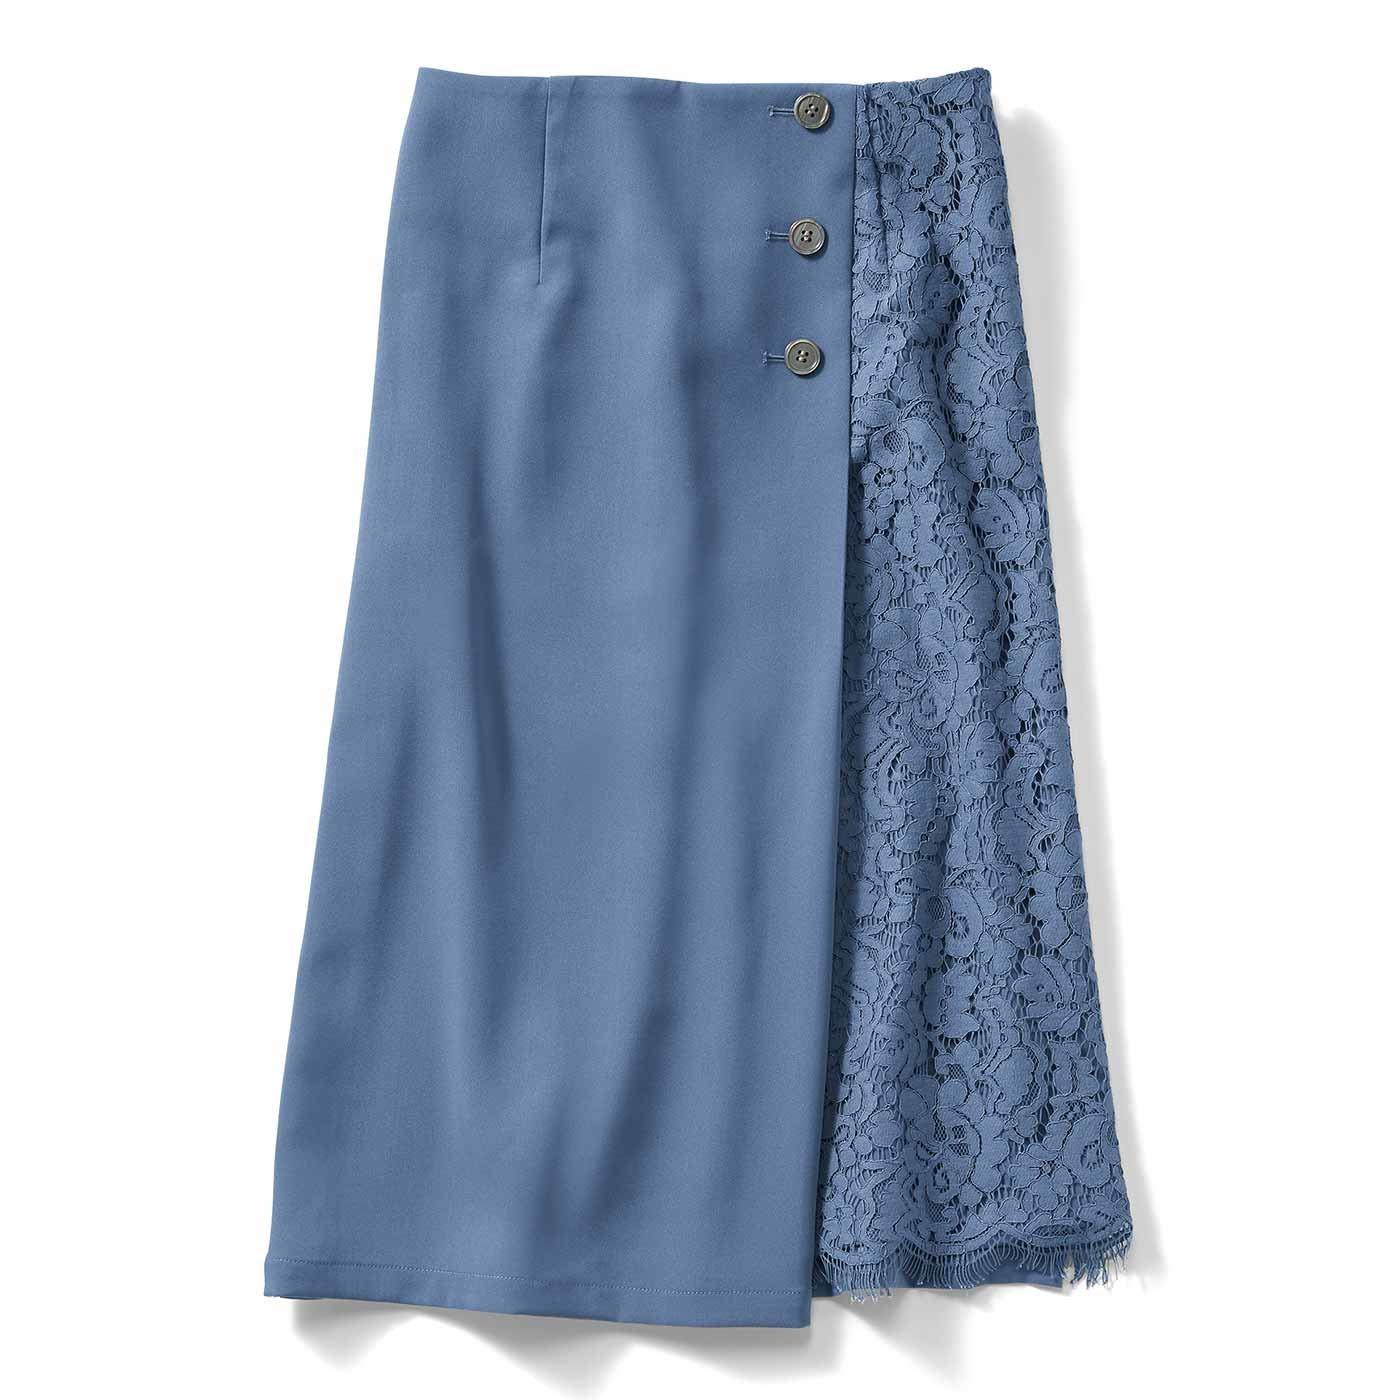 IEDIT[イディット] サイドレースが上品に華やぐ 伸びやかなストレッチスカート〈スモーキーブルー〉